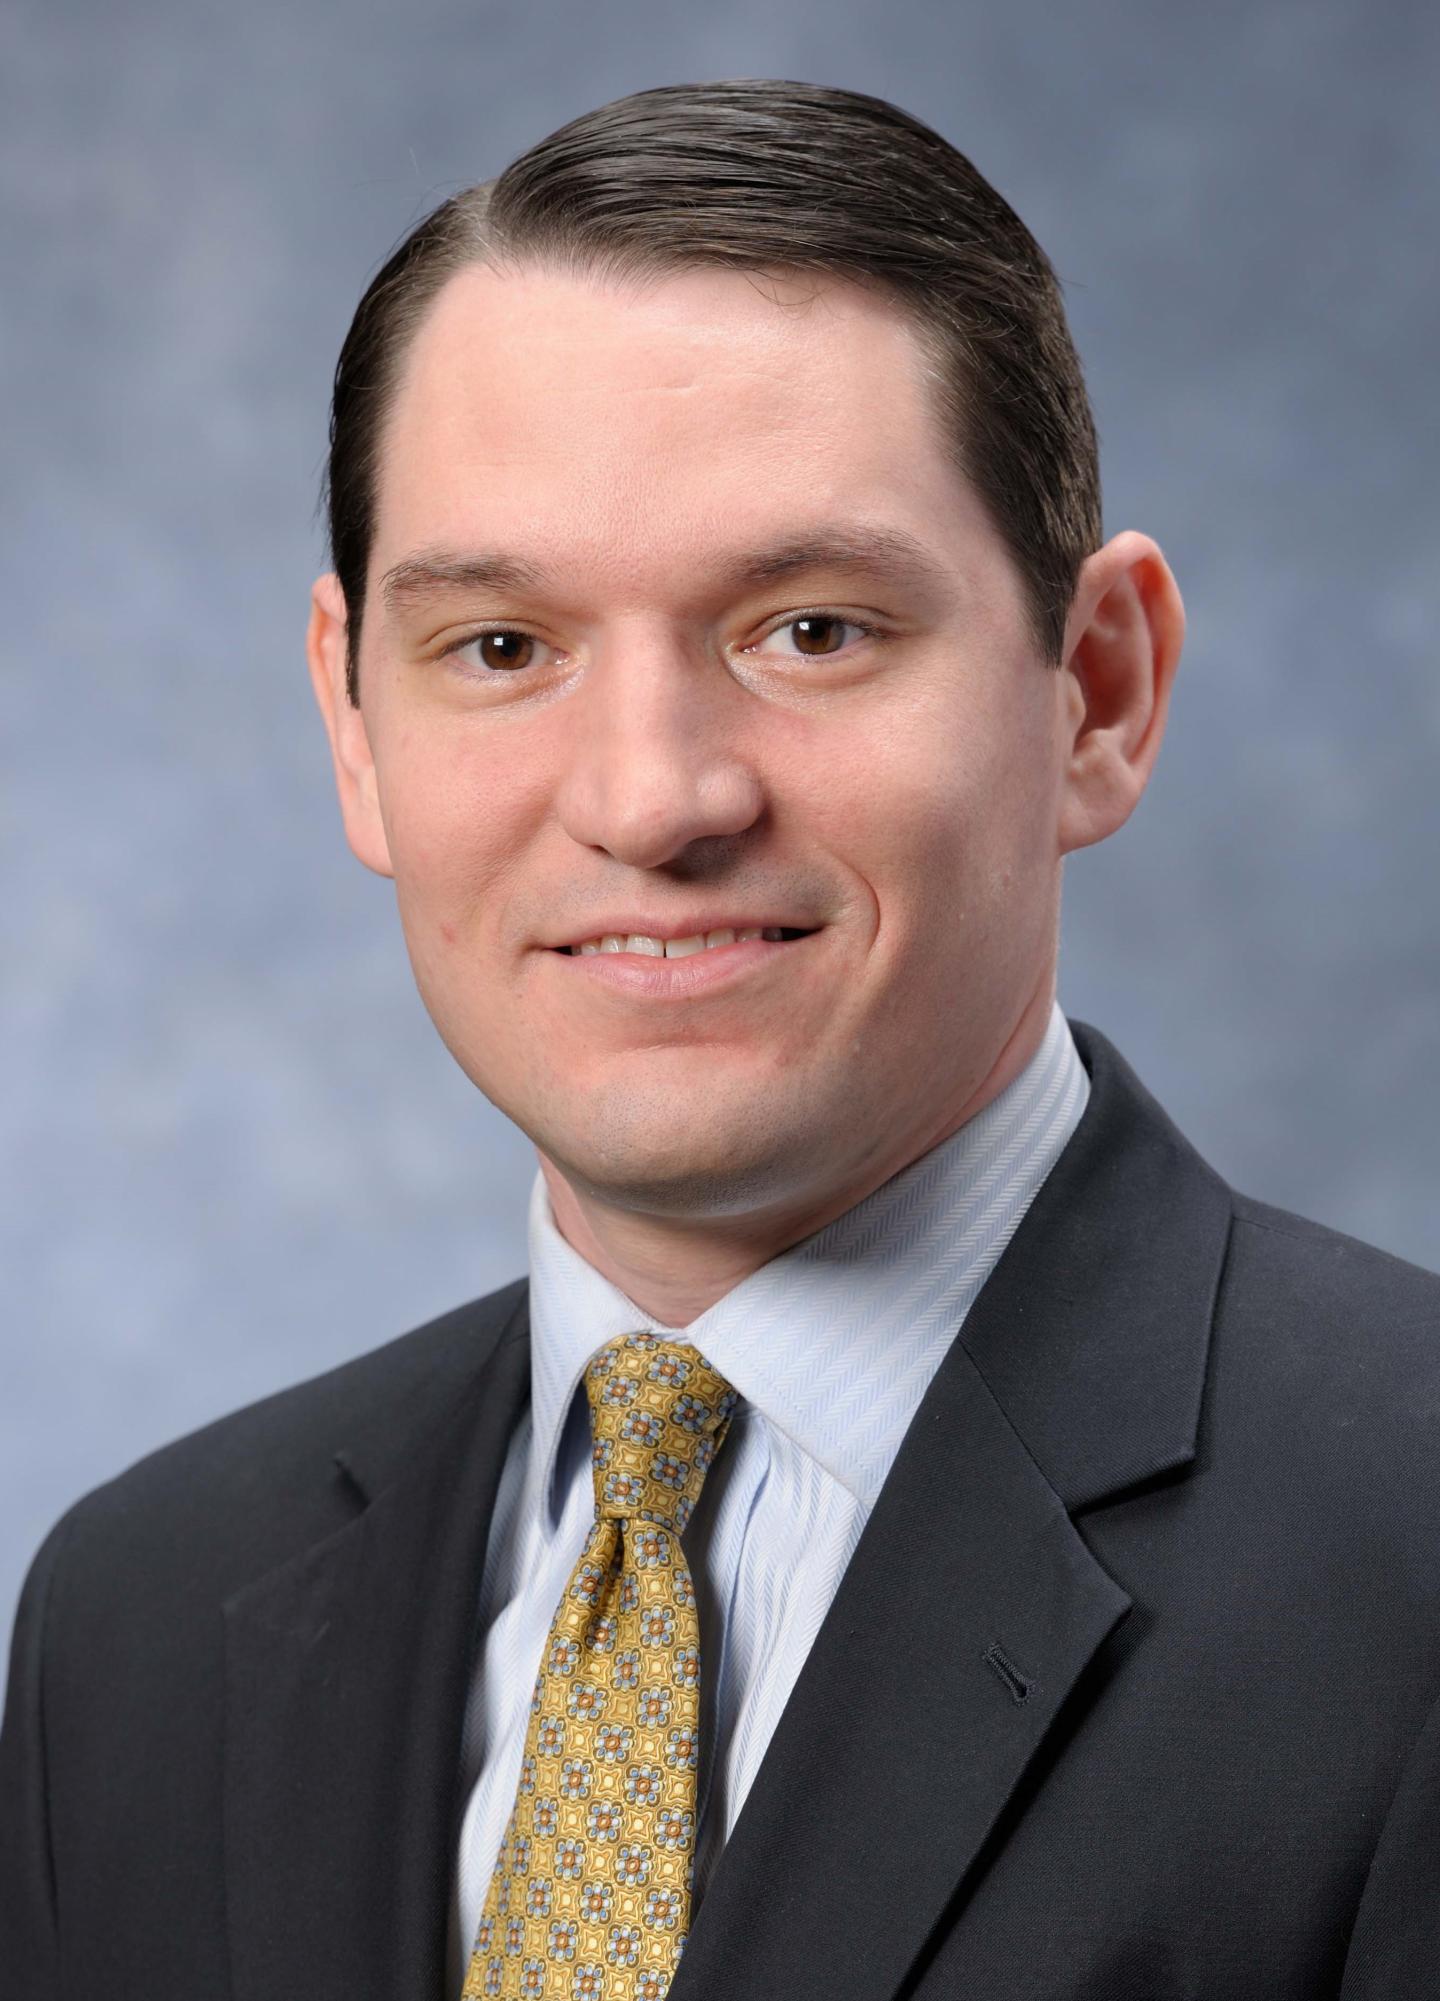 Steven Little, University of Pittsburgh